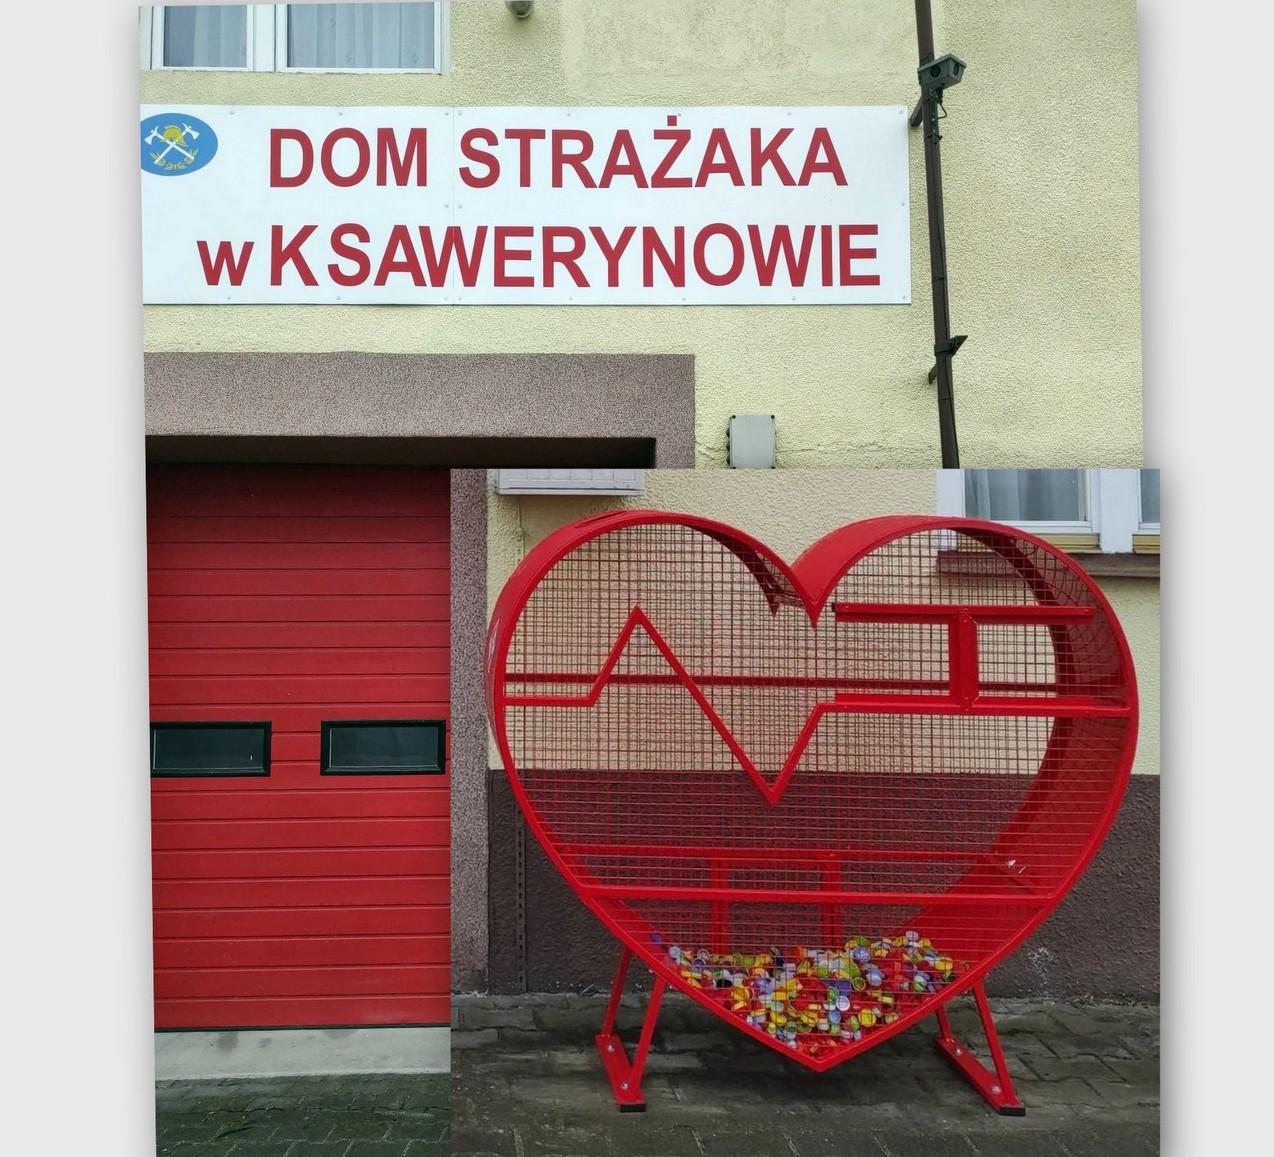 GMINA WOLA MYSŁOWSKA KGW Ksawerynów zaprasza do zbierania nakrętek  - Zdjęcie główne